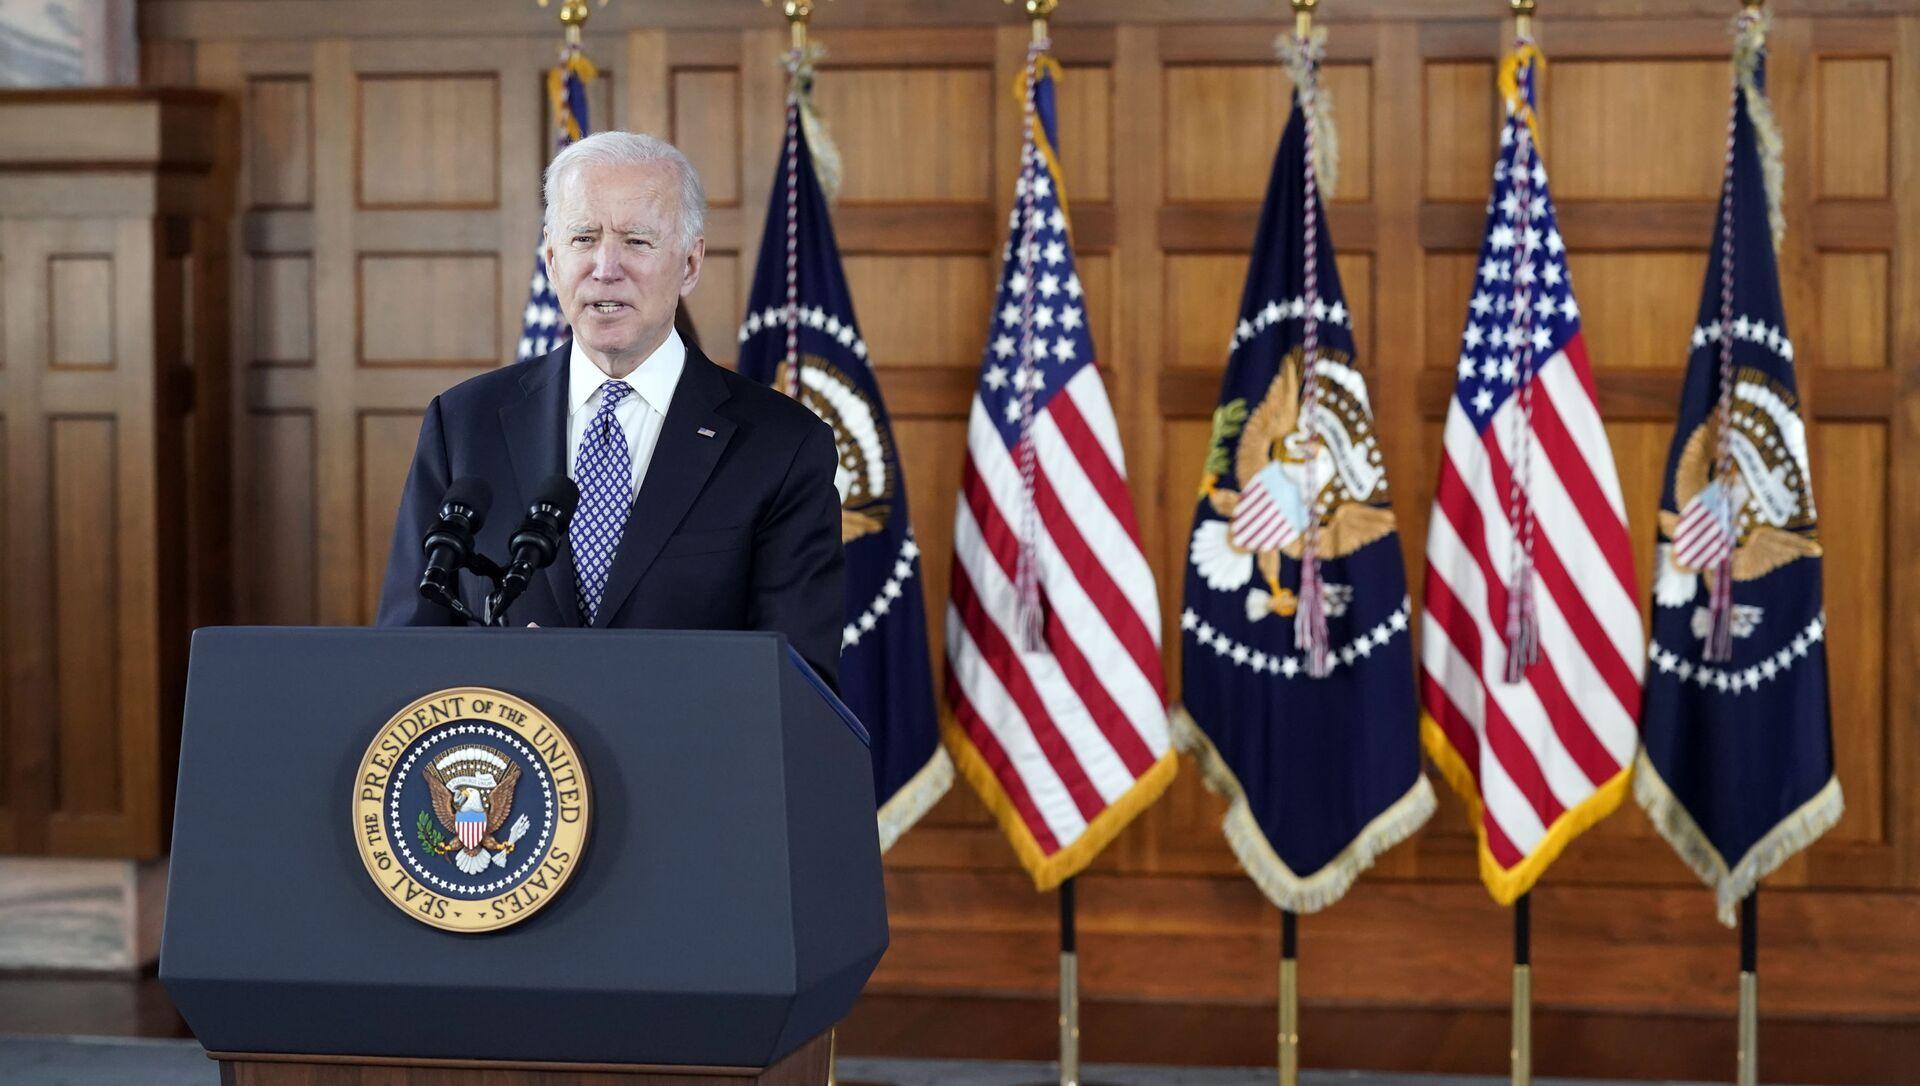 Tổng thống Mỹ Joe Biden. - Sputnik Việt Nam, 1920, 29.03.2021